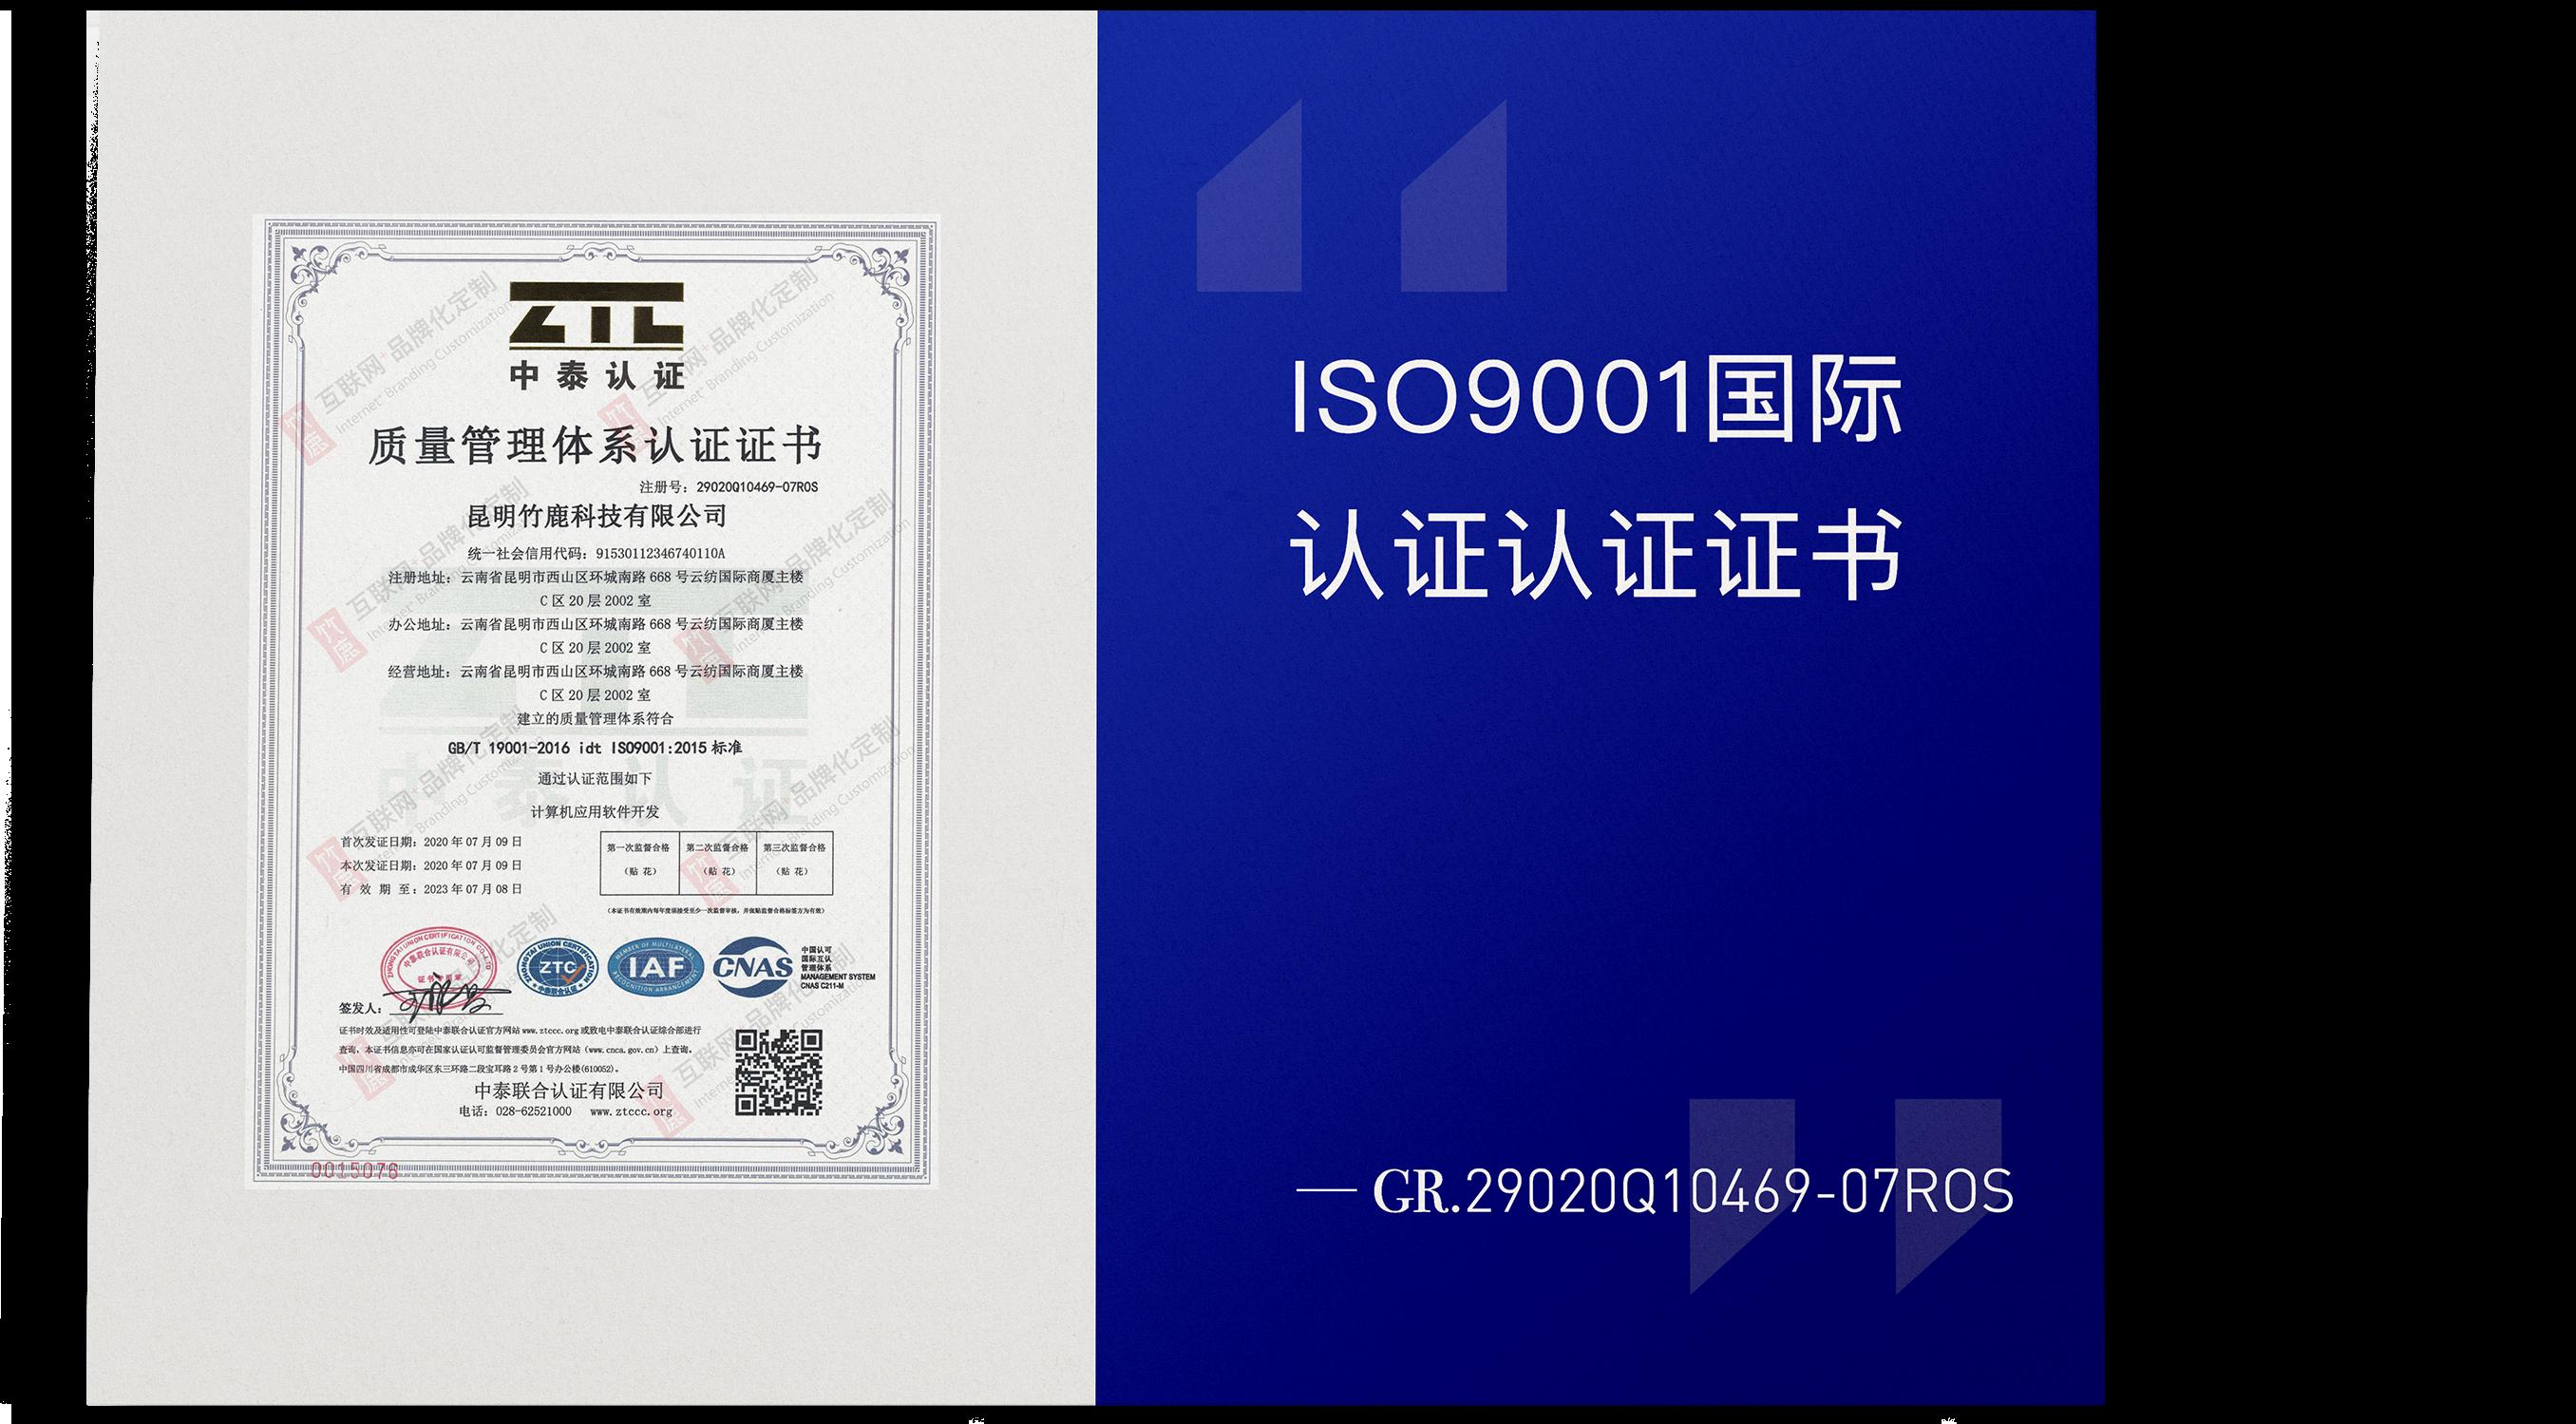 ios9001国际认证证书